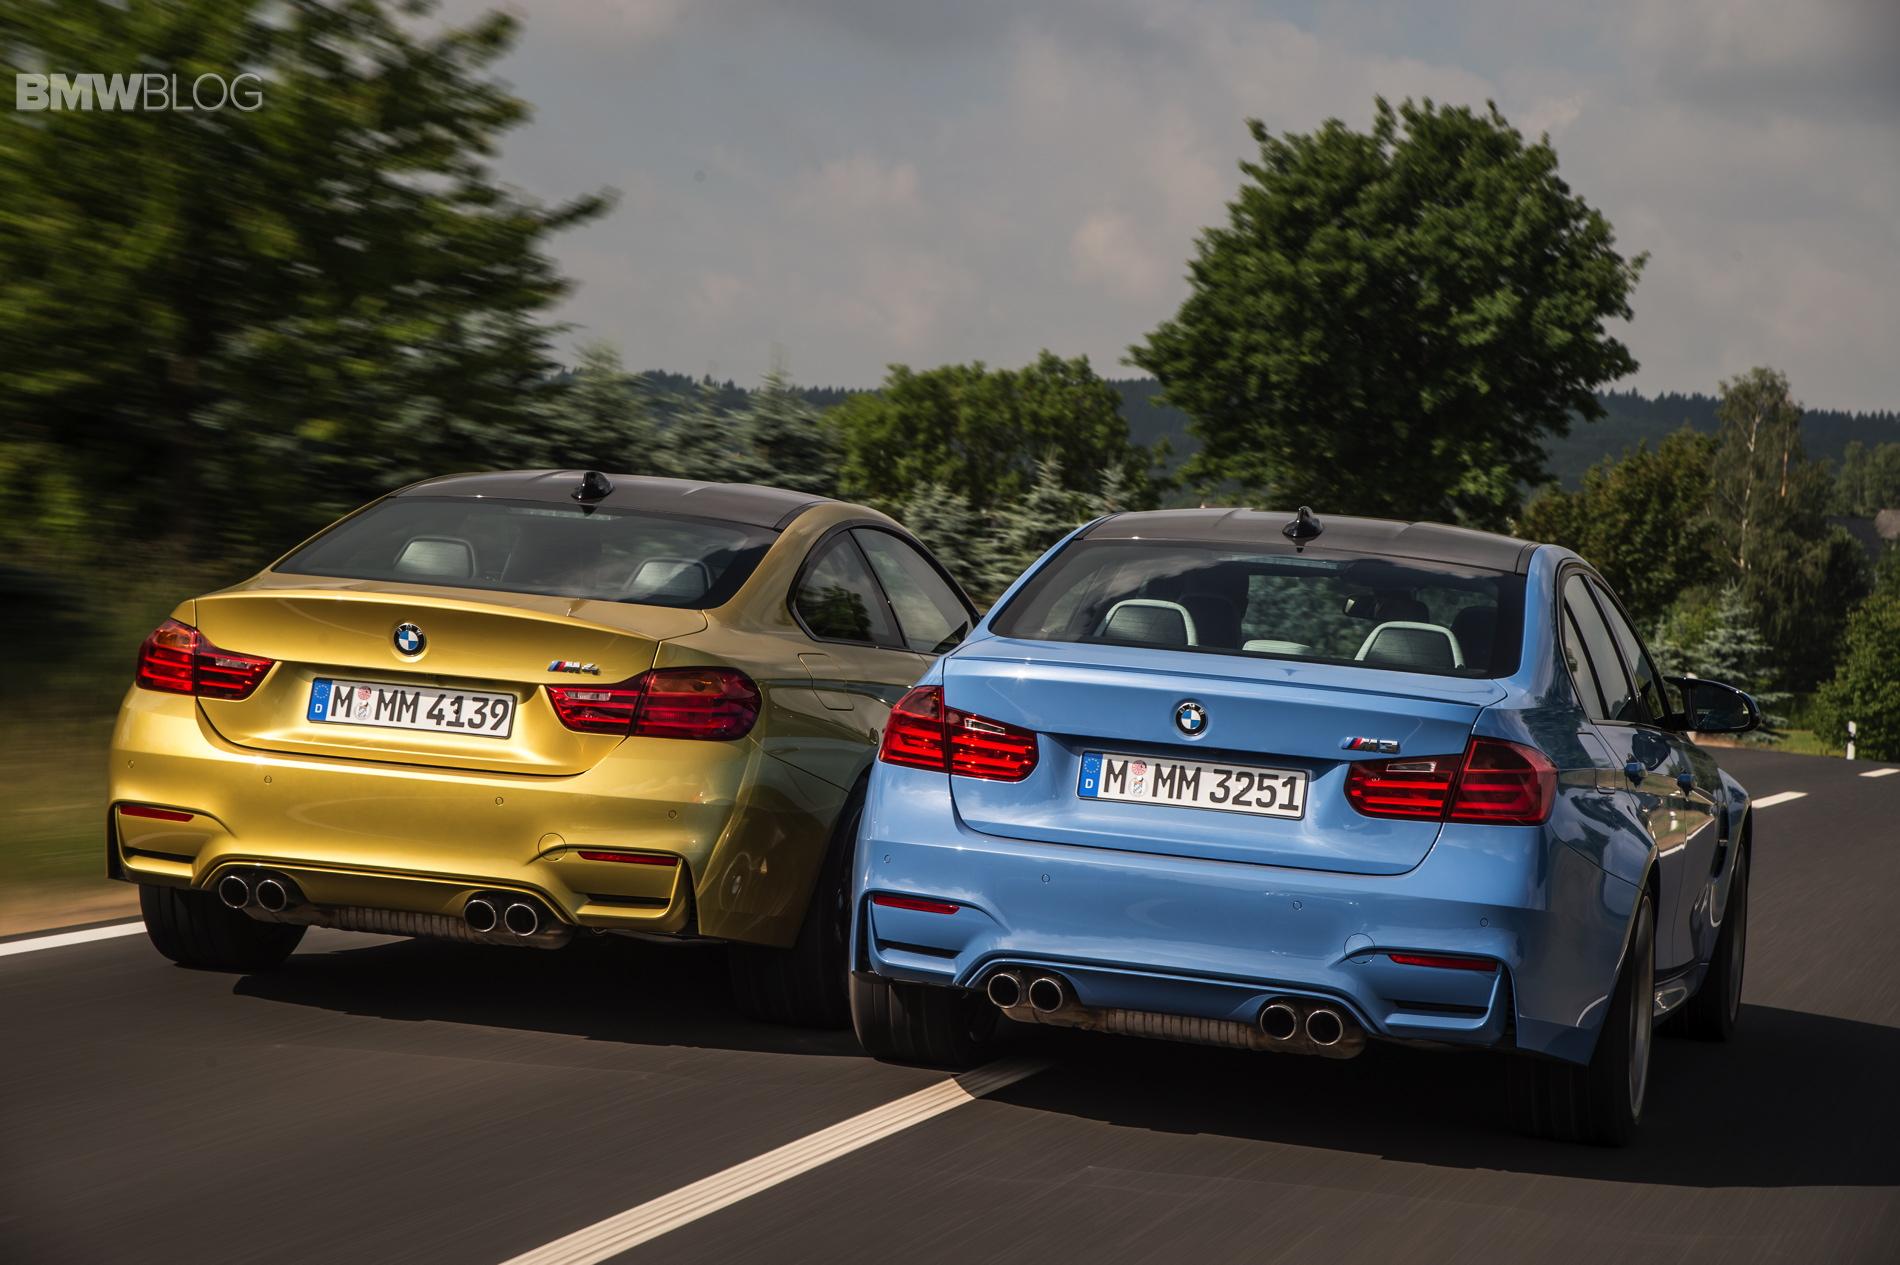 BMW заменит карбоновые карданные валы на стальные 2